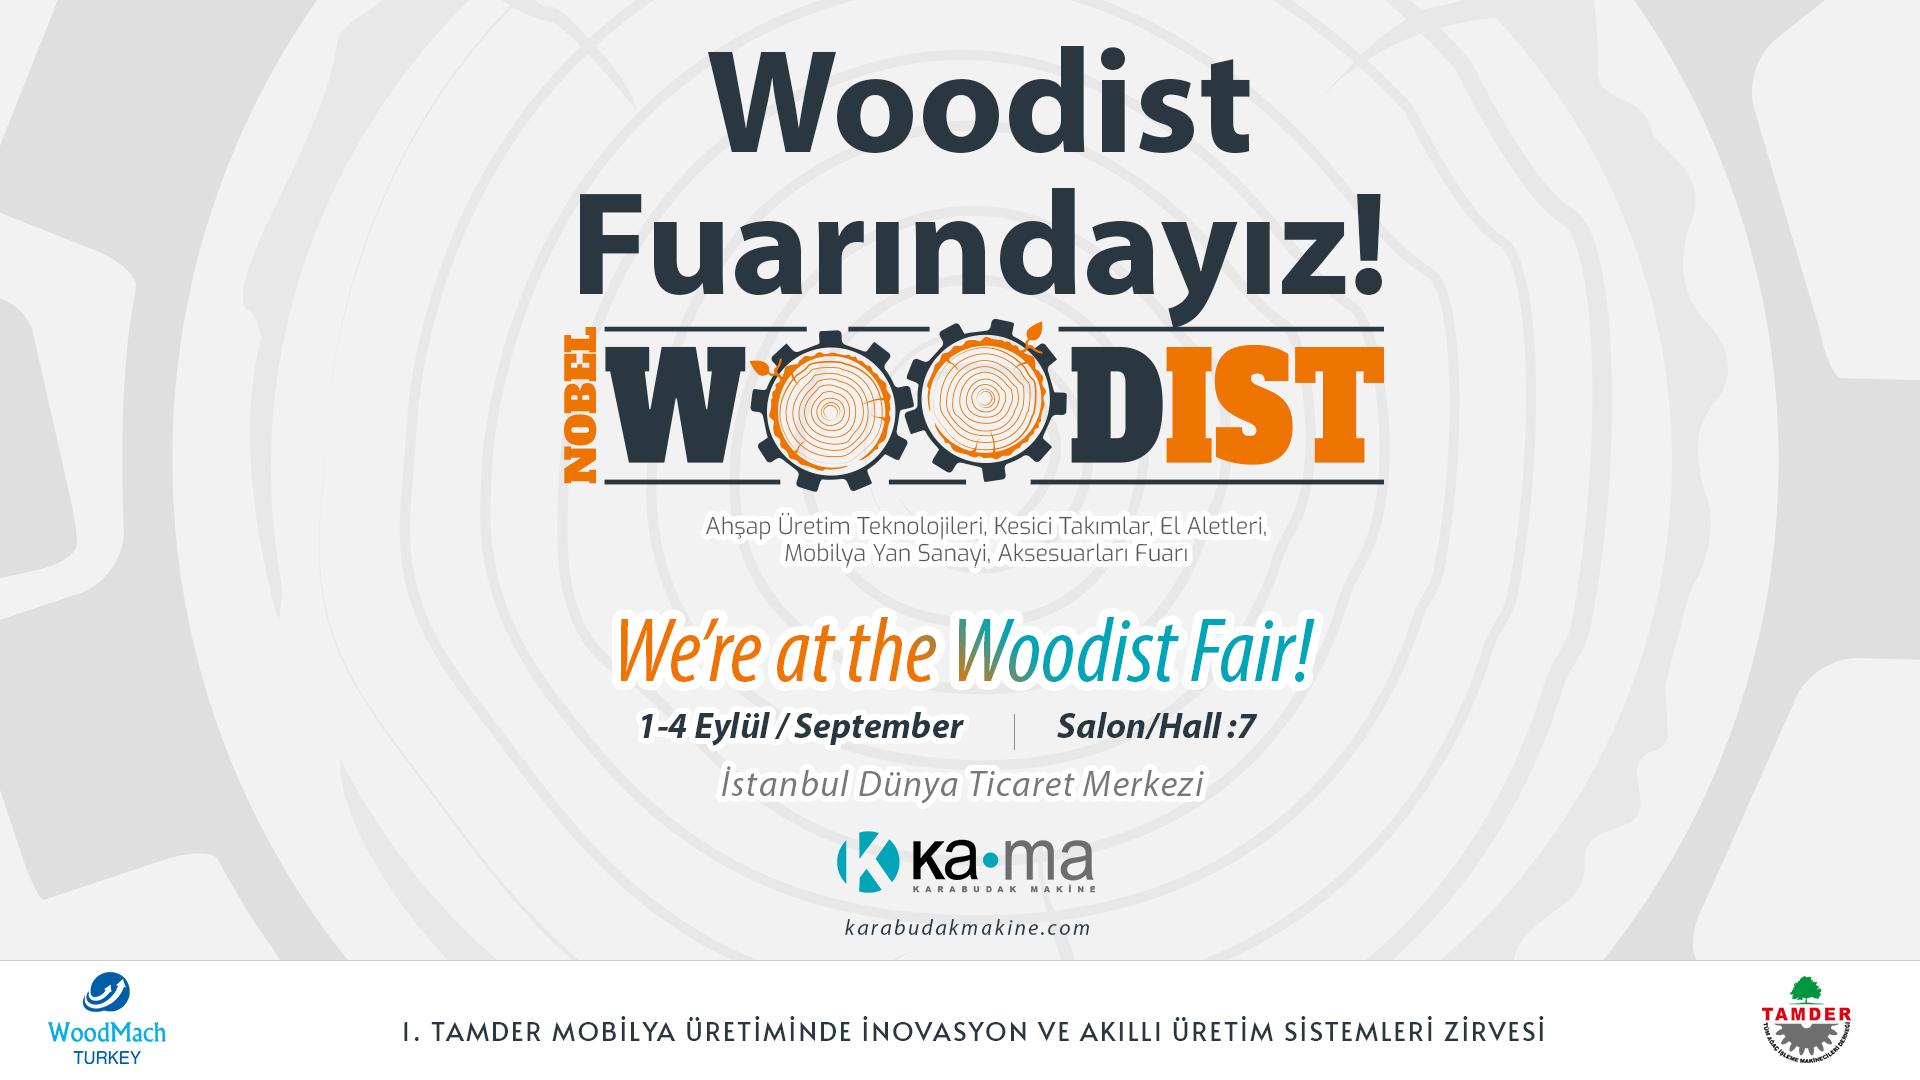 woodtech woodist